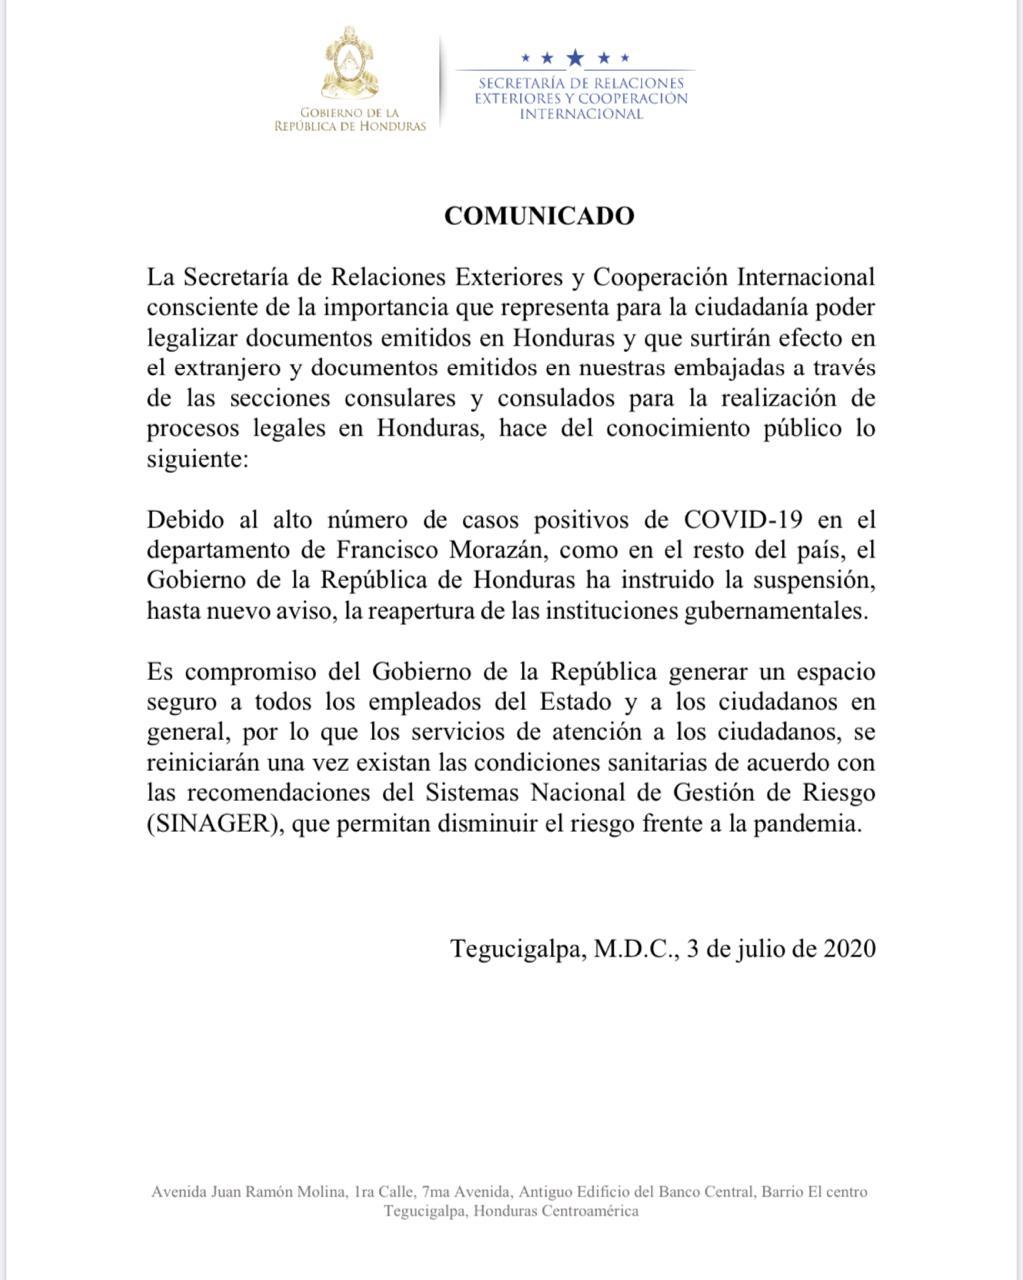 Suspenden reapertura de instituciones gubernamentales por repunte de casos de COVID-19